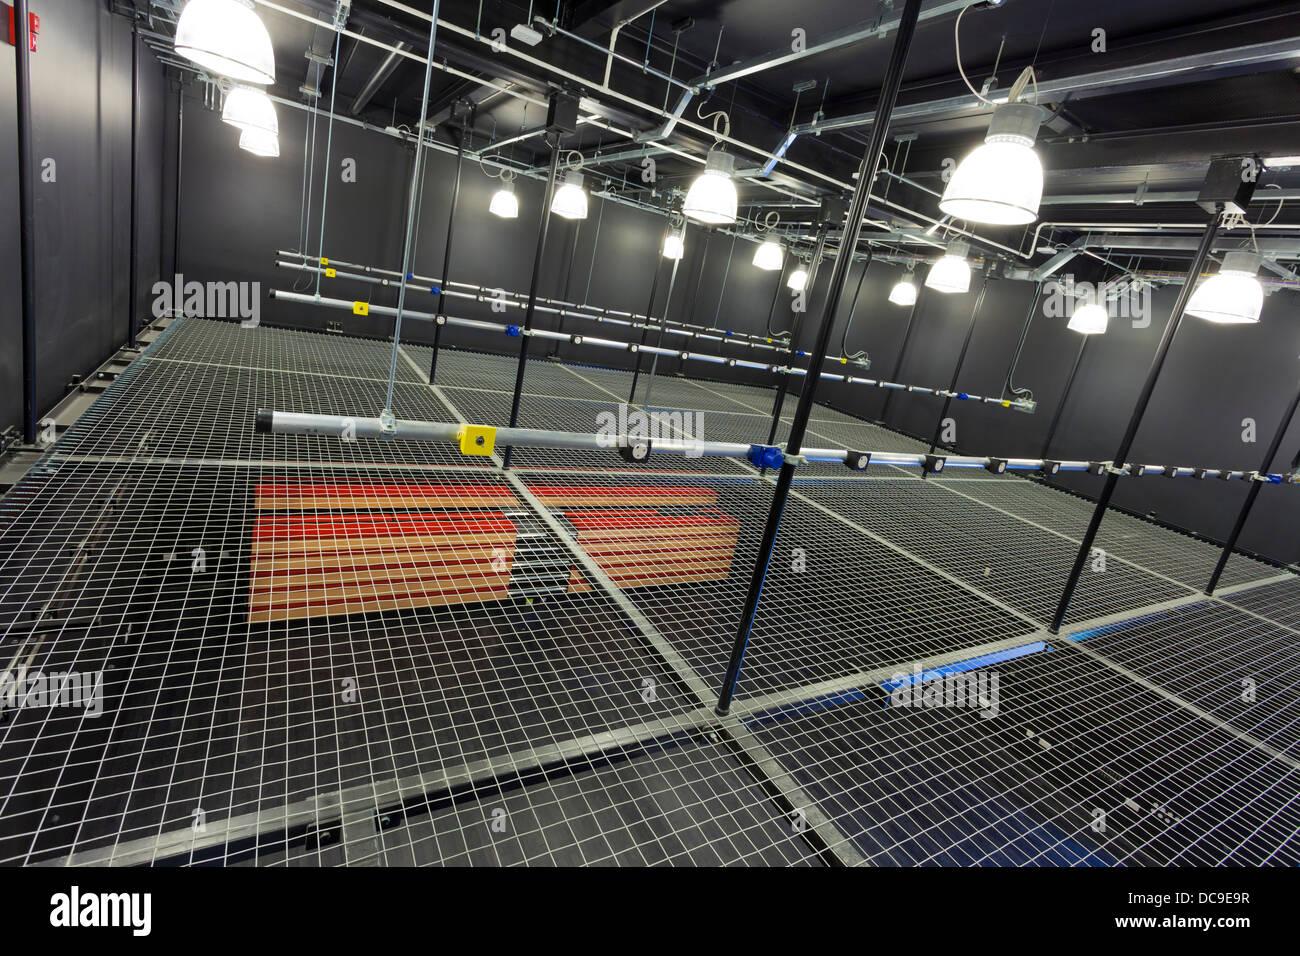 Netz-Zwischengeschoss Beleuchtung Rig im Schultheater Zugriff auf Stockbild